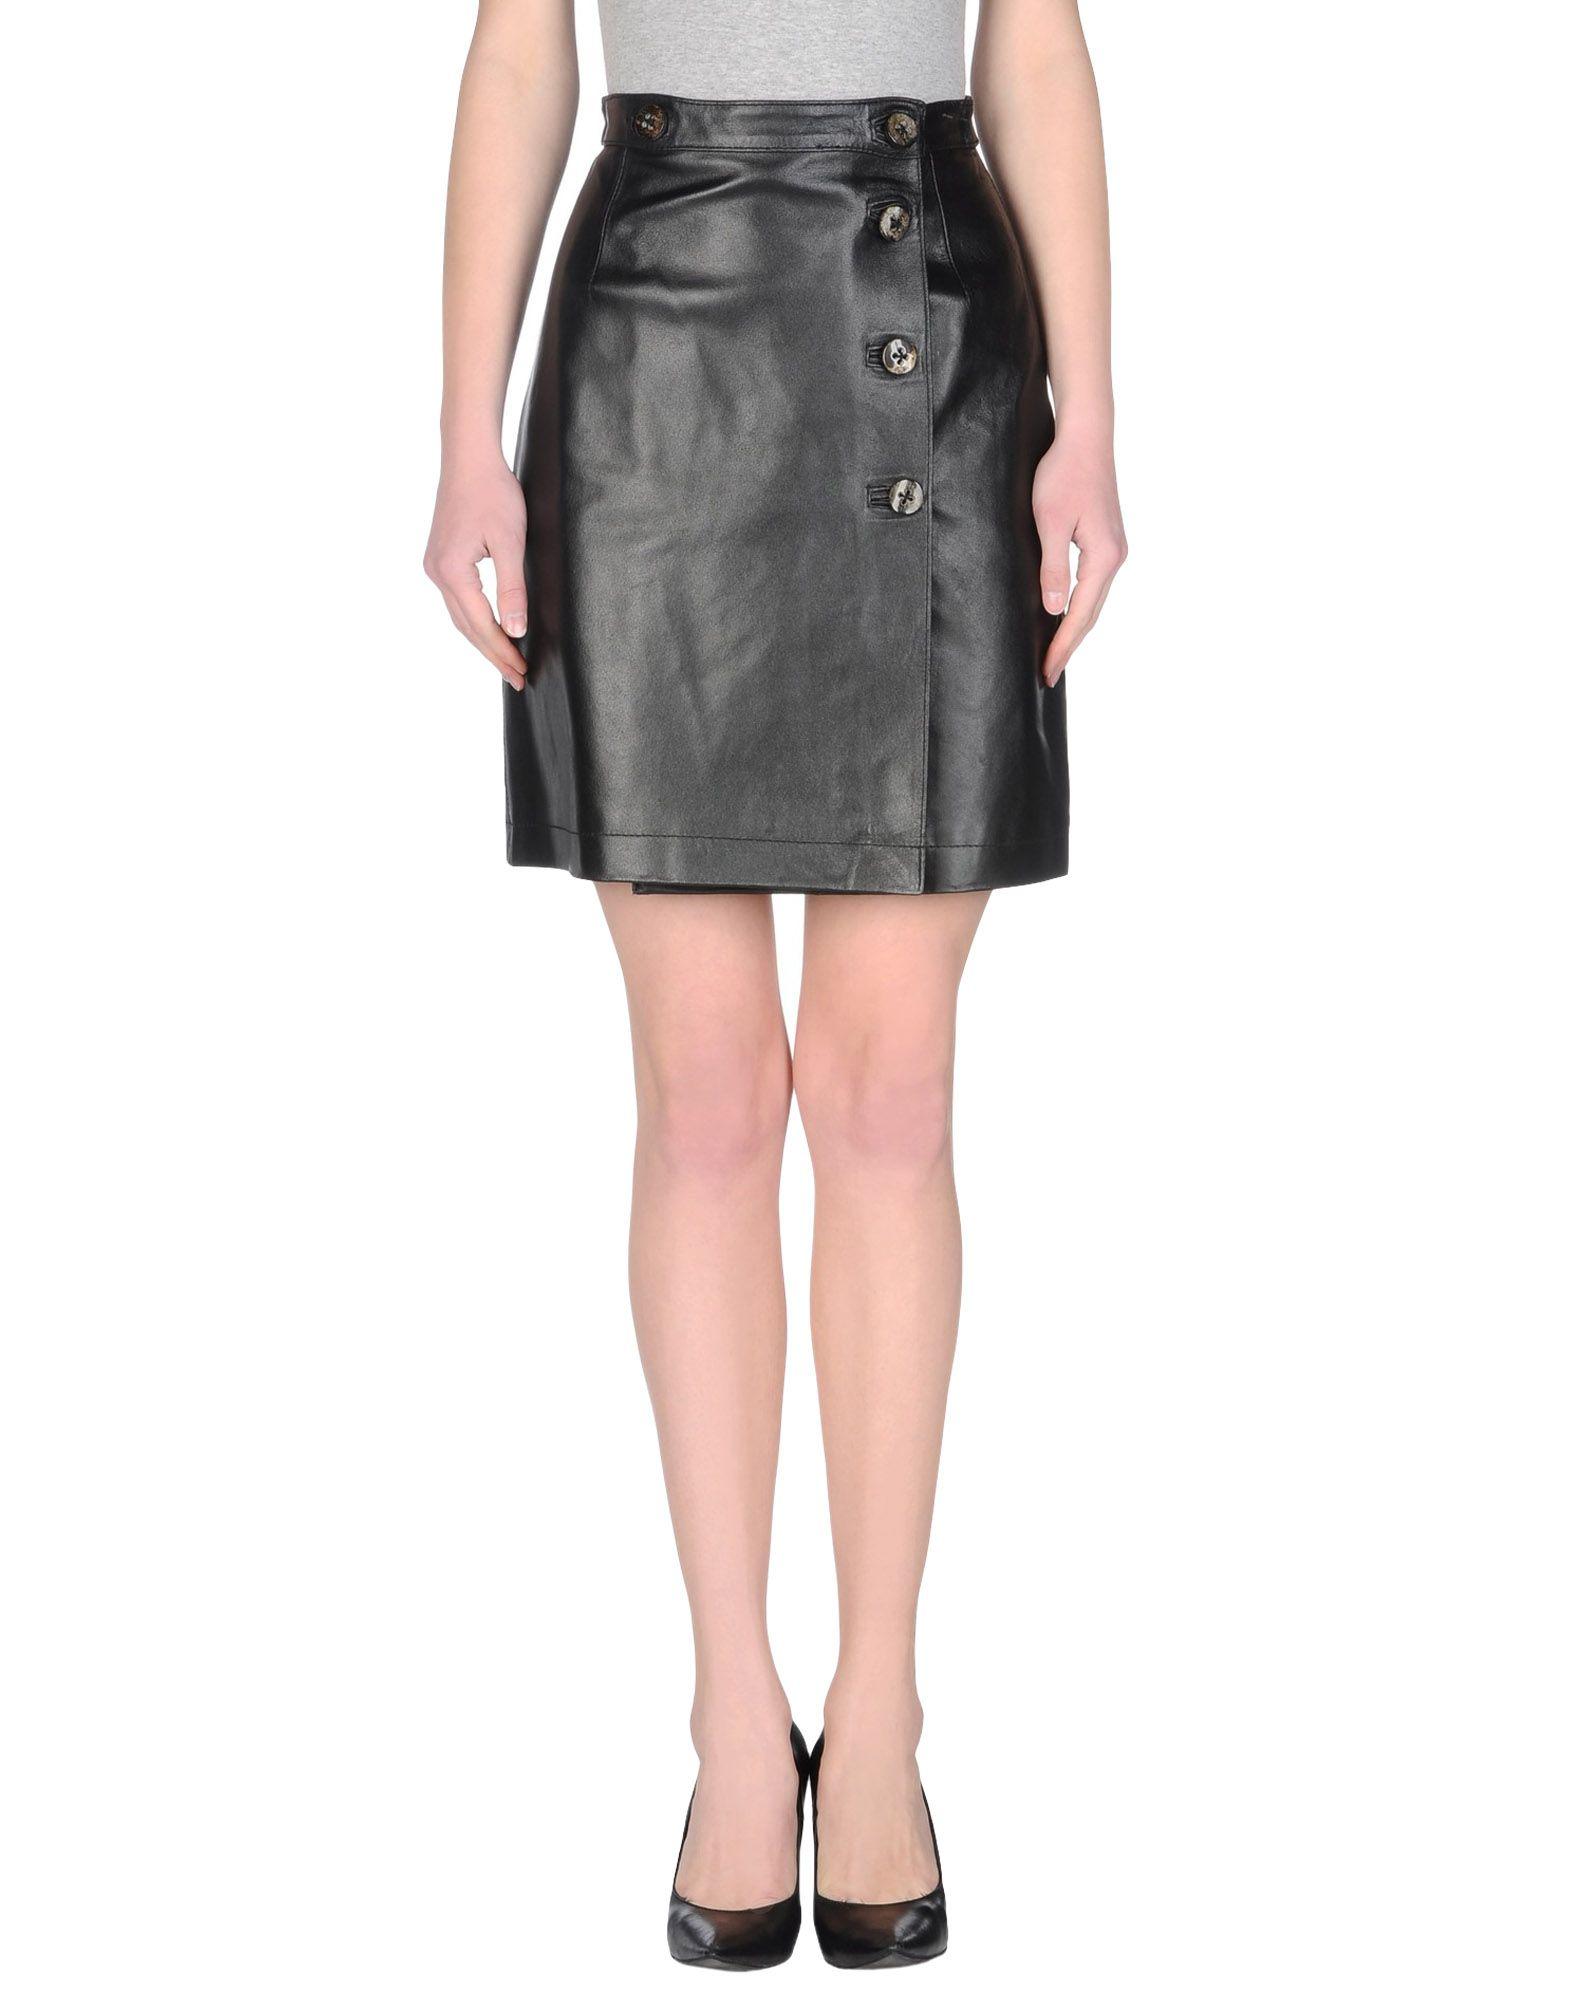 AMULETI Damen Lederrock Farbe Schwarz Größe 4